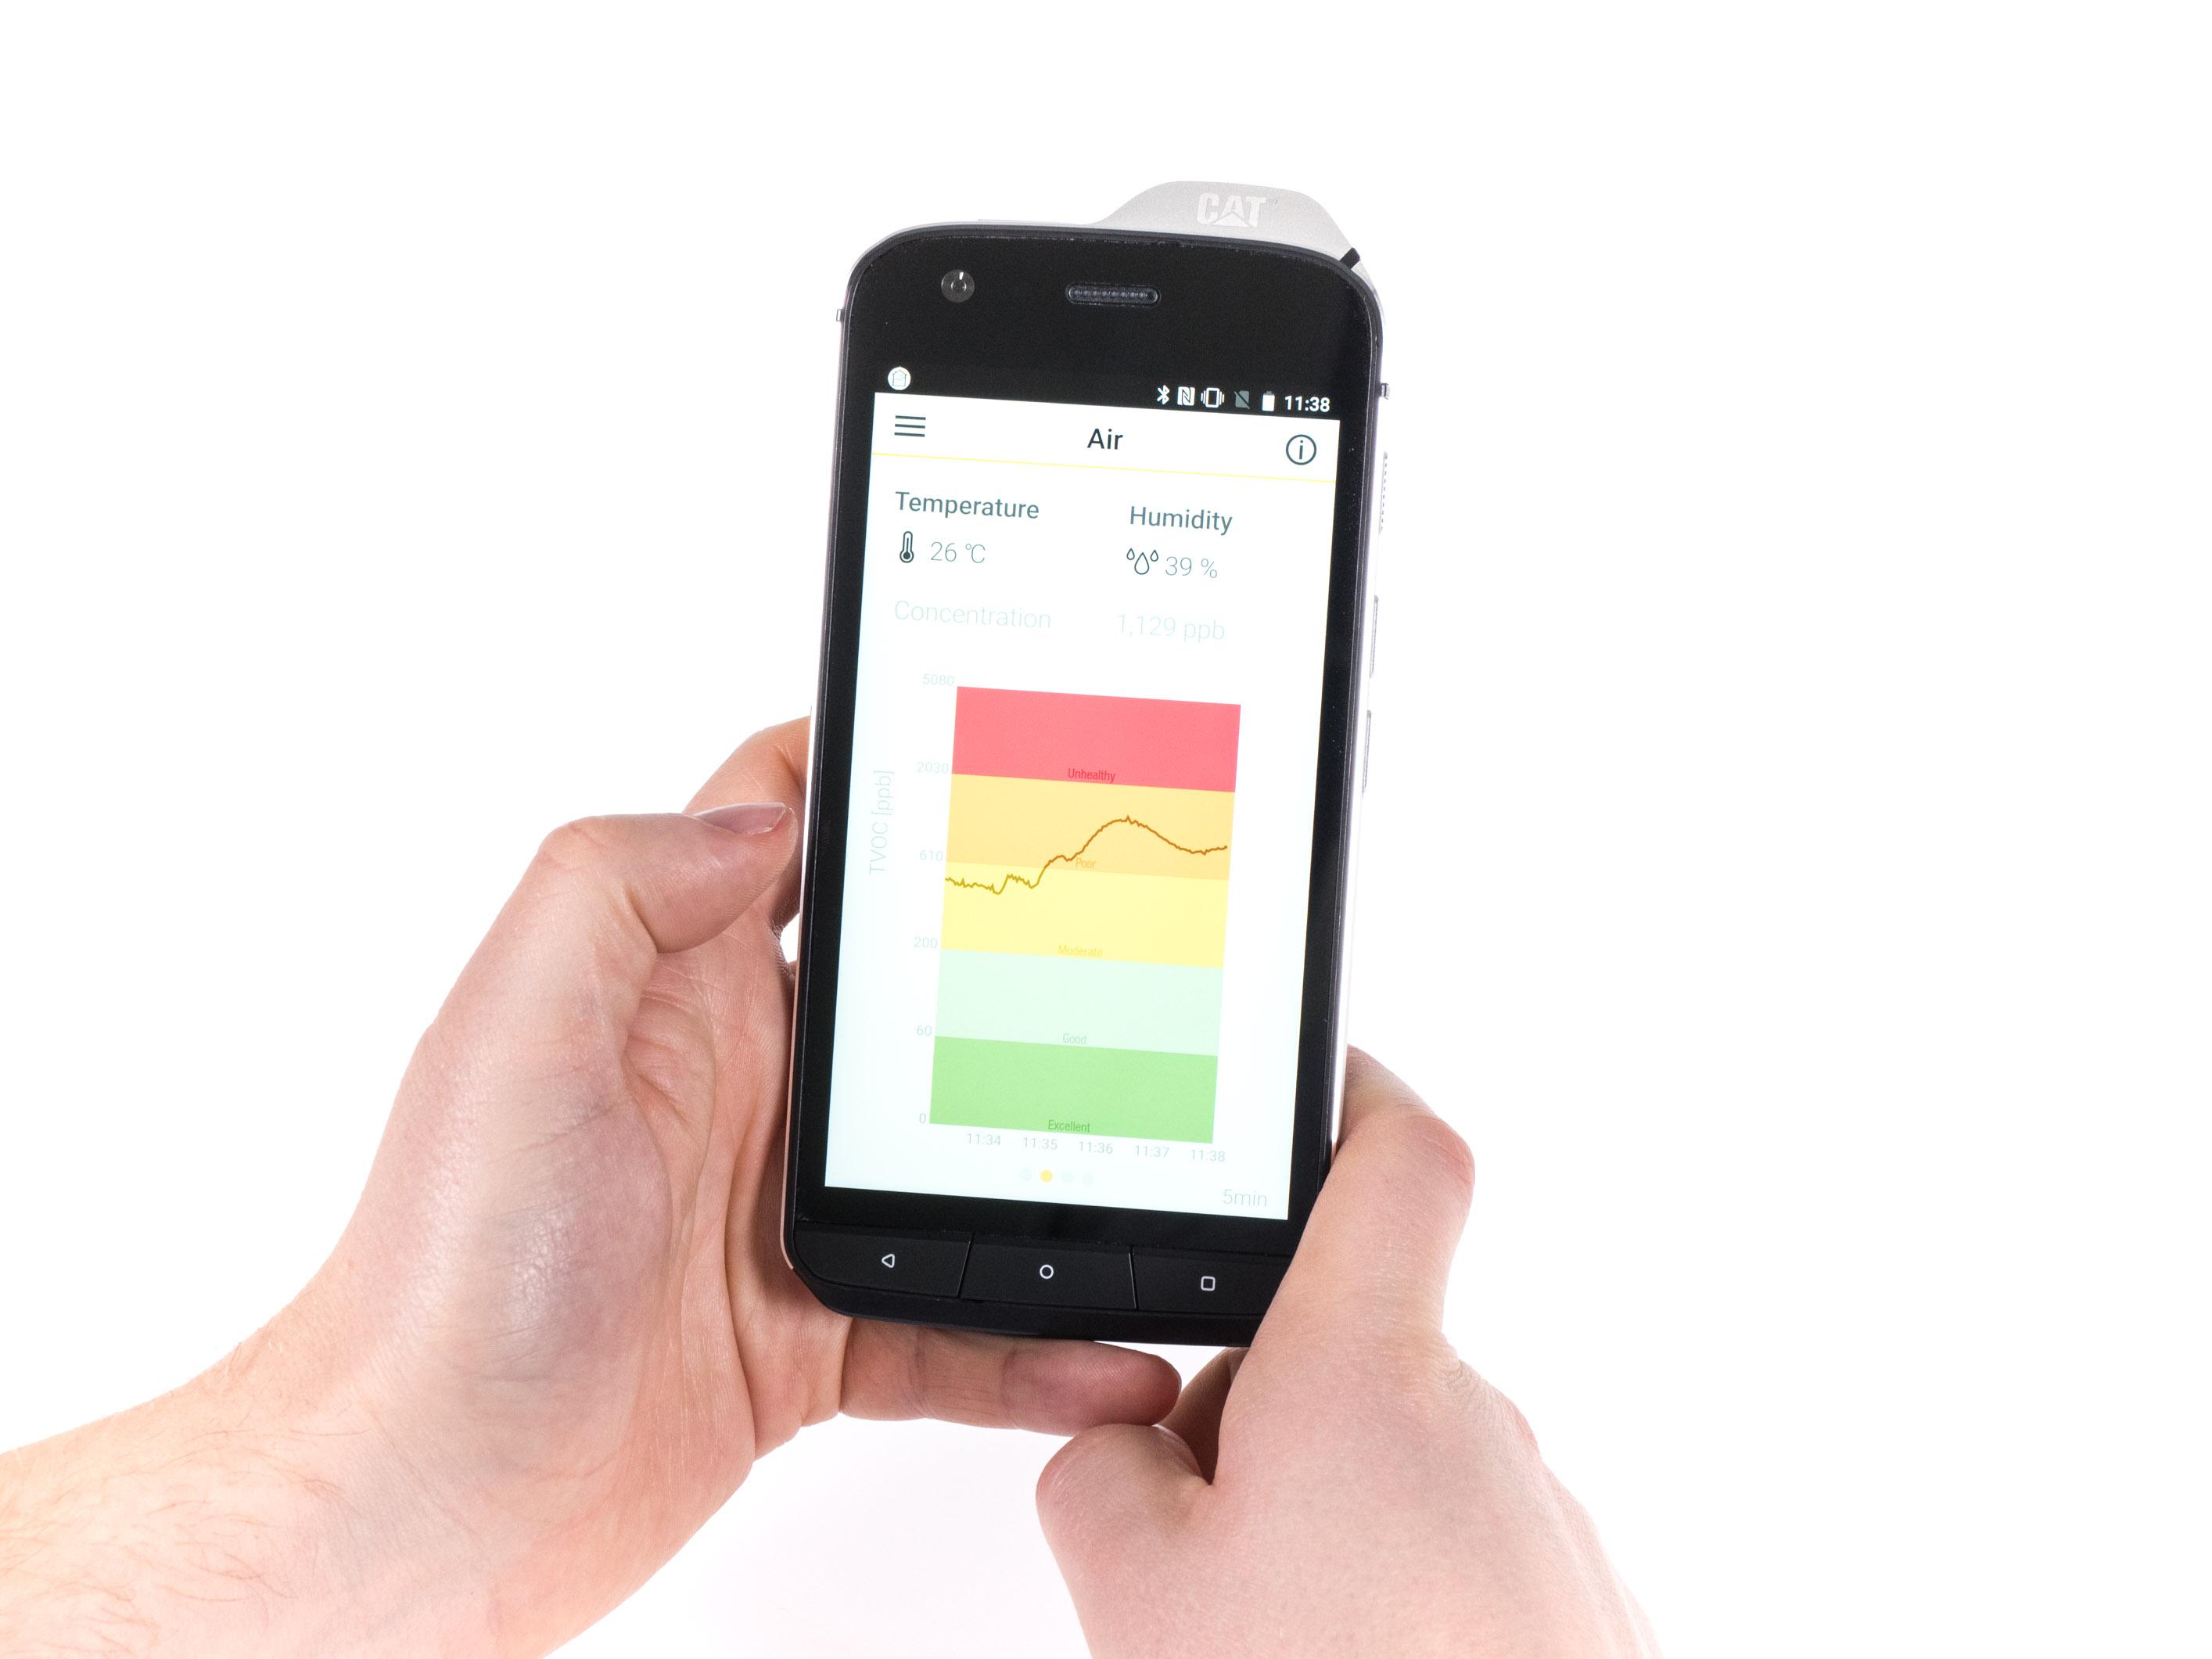 Cat S61 im Hands on: Smartphone kann Luftreinheit und Entfernungen messen - Die App zeigt die Luftverschmutzung der Umgebung. (Bild: Martin Wolf/Golem.de)